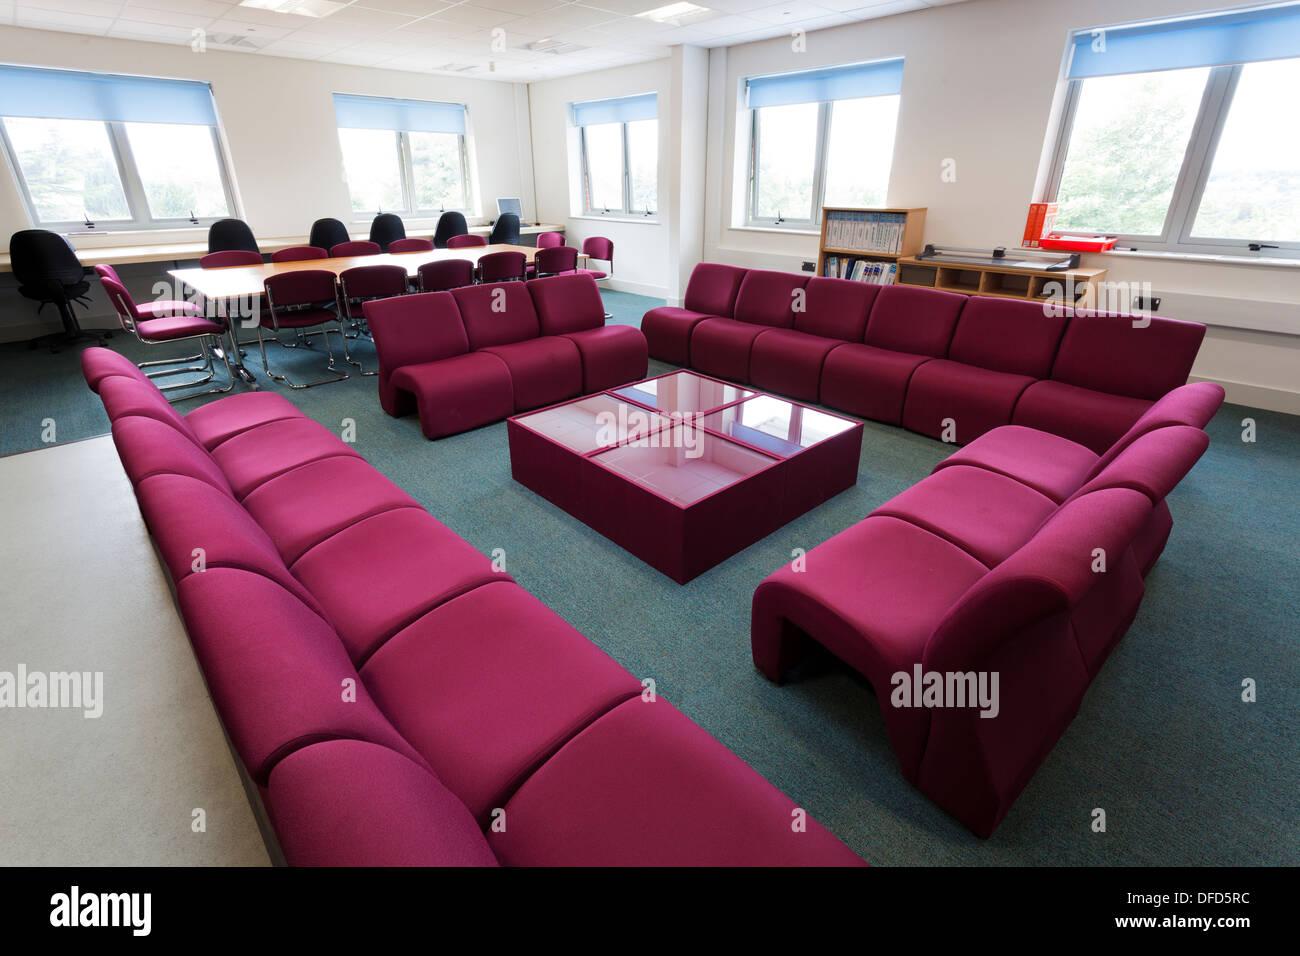 unoccupied Teachers common room in school - Stock Image